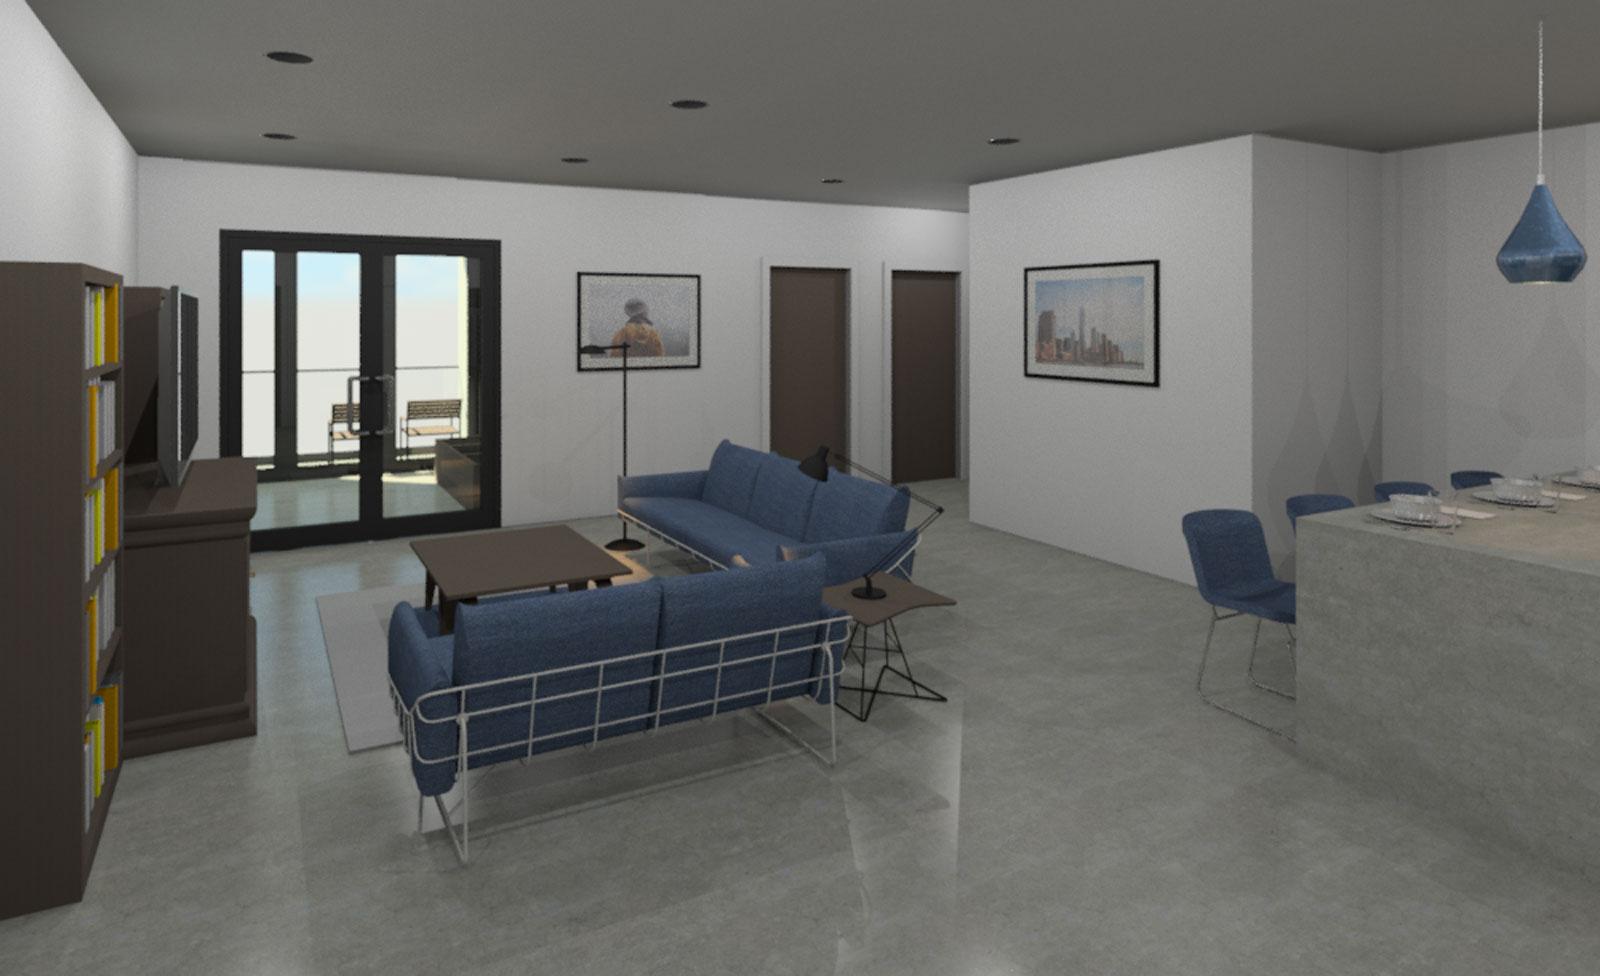 2 Bedroom Interior Draft 03